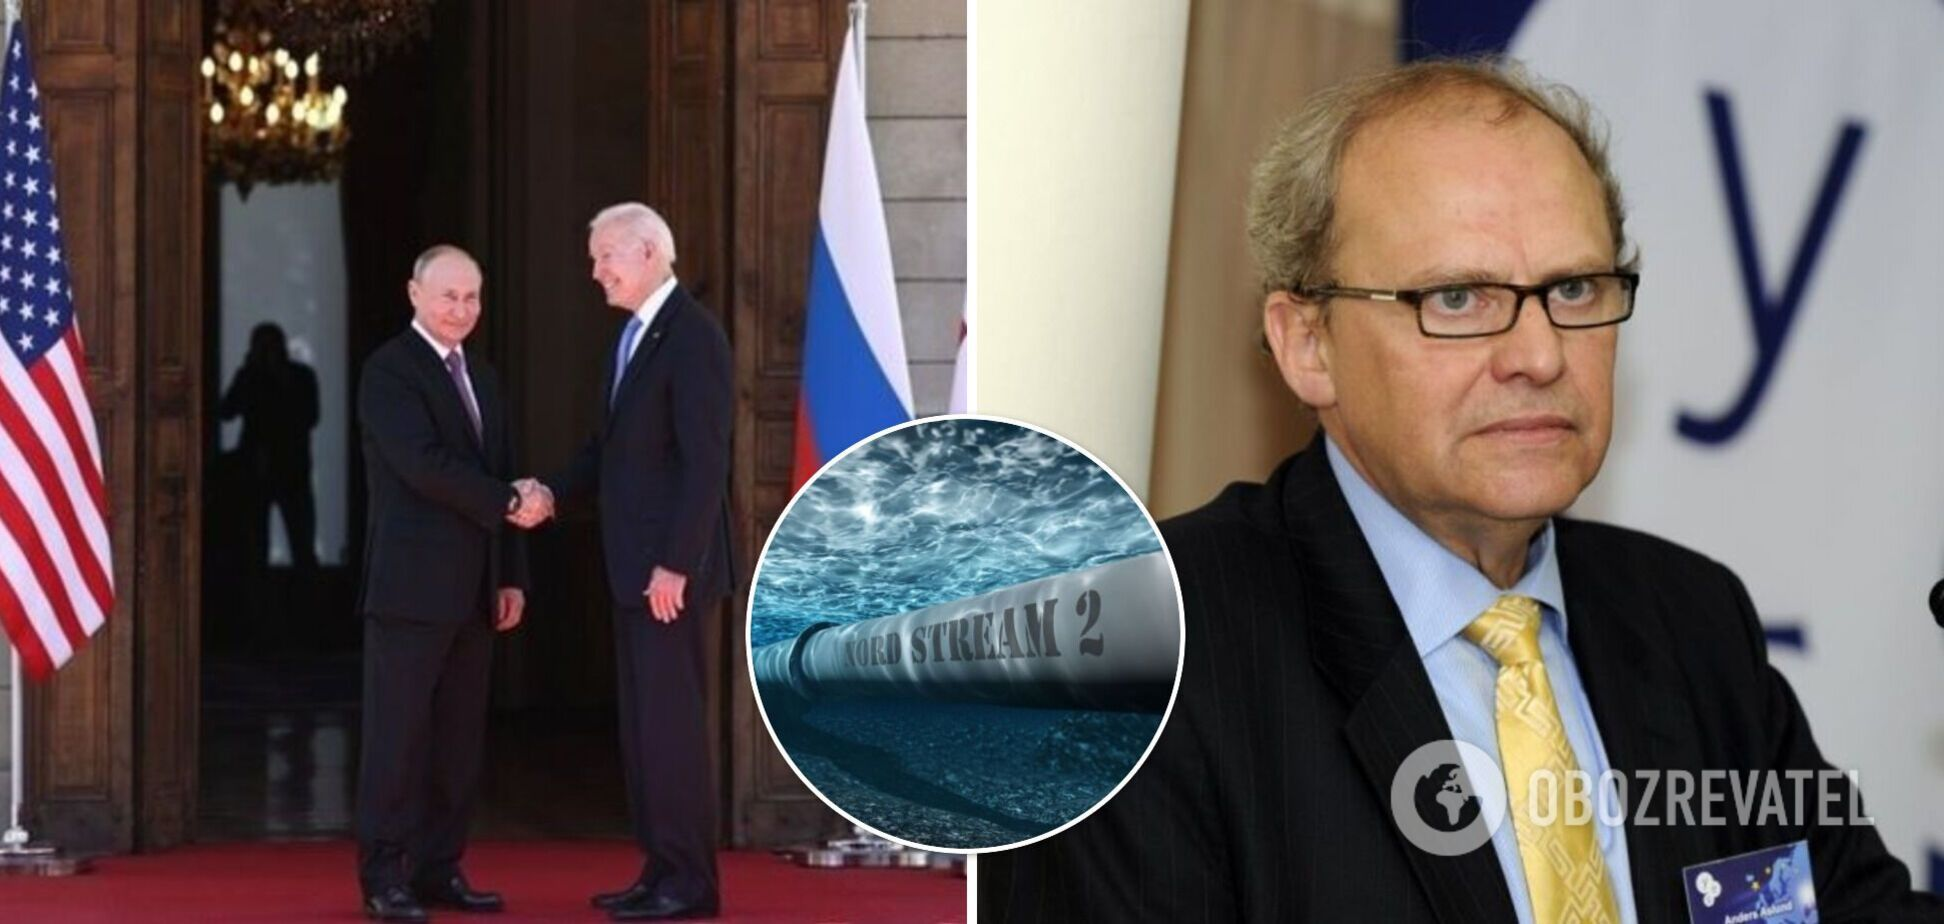 Аслунд заявил, что Байден и Путин не говорили о 'Северном потоке-2', и это плохо для Европы